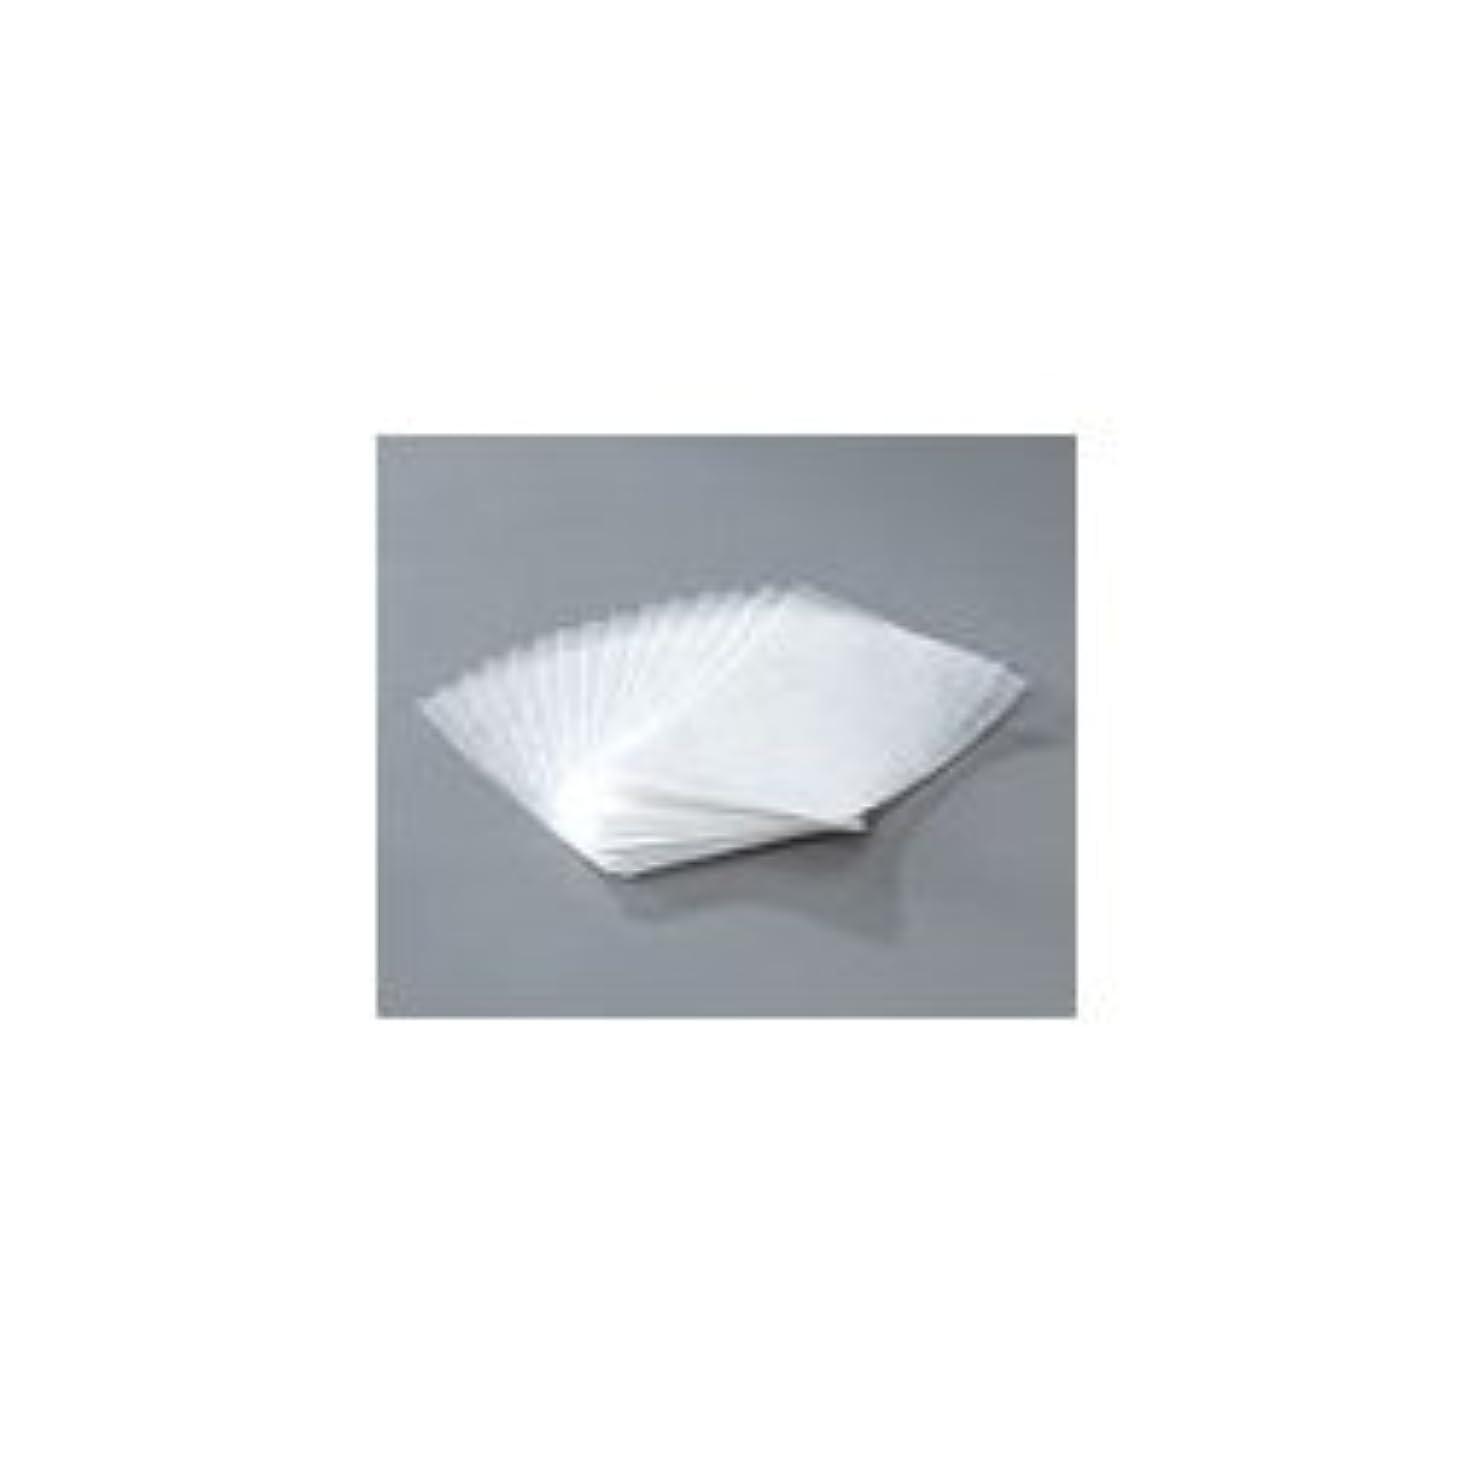 ジョージバーナードのヒープギャザージャノメ 24時間風呂 プレフィルター15枚入(四角)